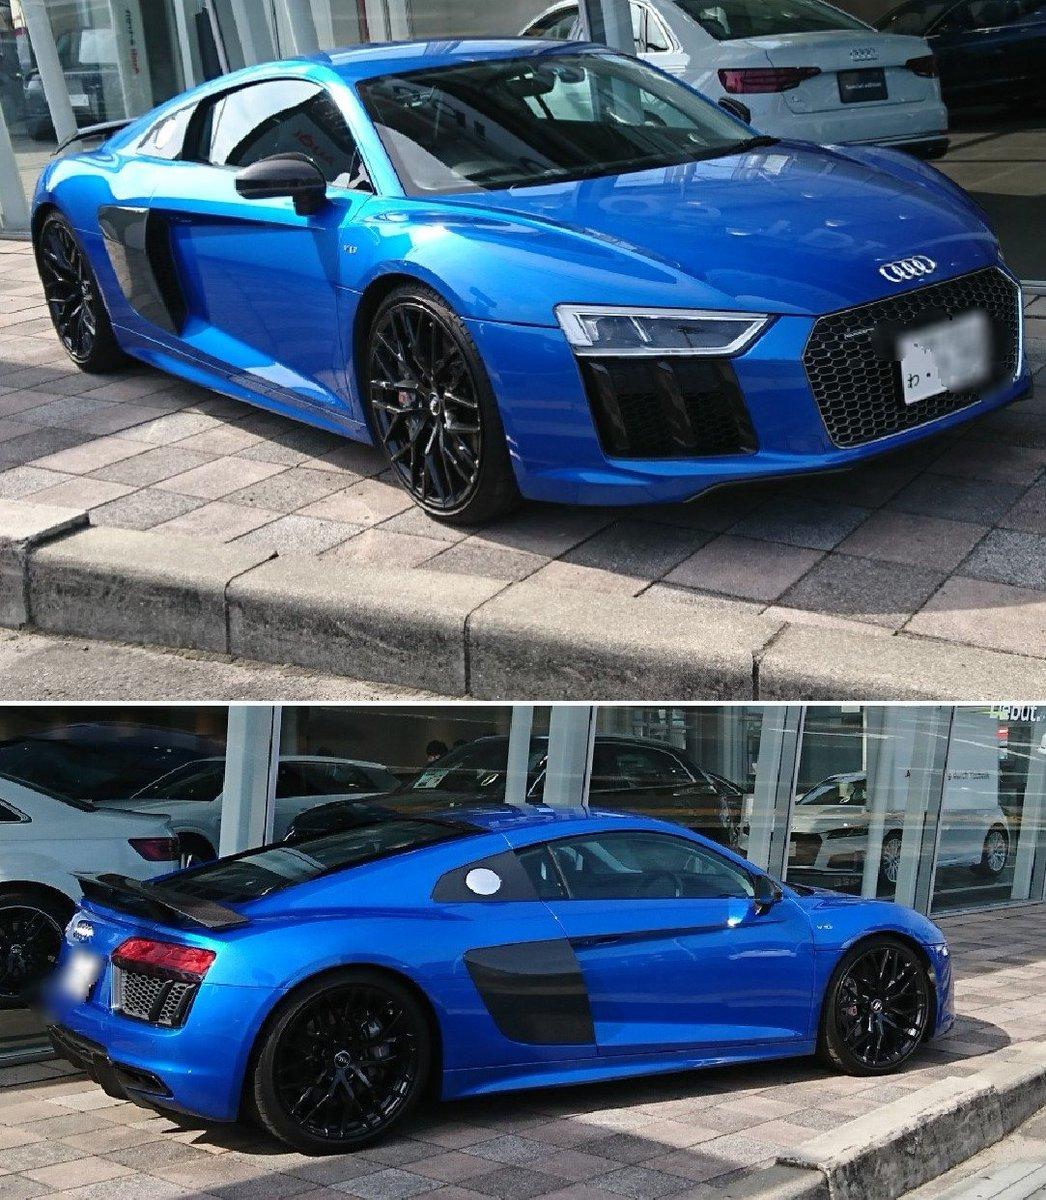 #珍!「#わナンバー」  #アウディR8  #スーパーカー #レンタカー?  #AudiR8  抜群の扱いやすさも備える #スーパースポーツ #ドライバー のどんな要求にも応える❤️ #Audi #R8 の5.2ℓ  #V10エンジン  Audiは史上最強となる610PS 高性能を発揮 #最高速 は330km/h  https://www.audi.co.jp/jp/web/ja/models/r8/r8.html…